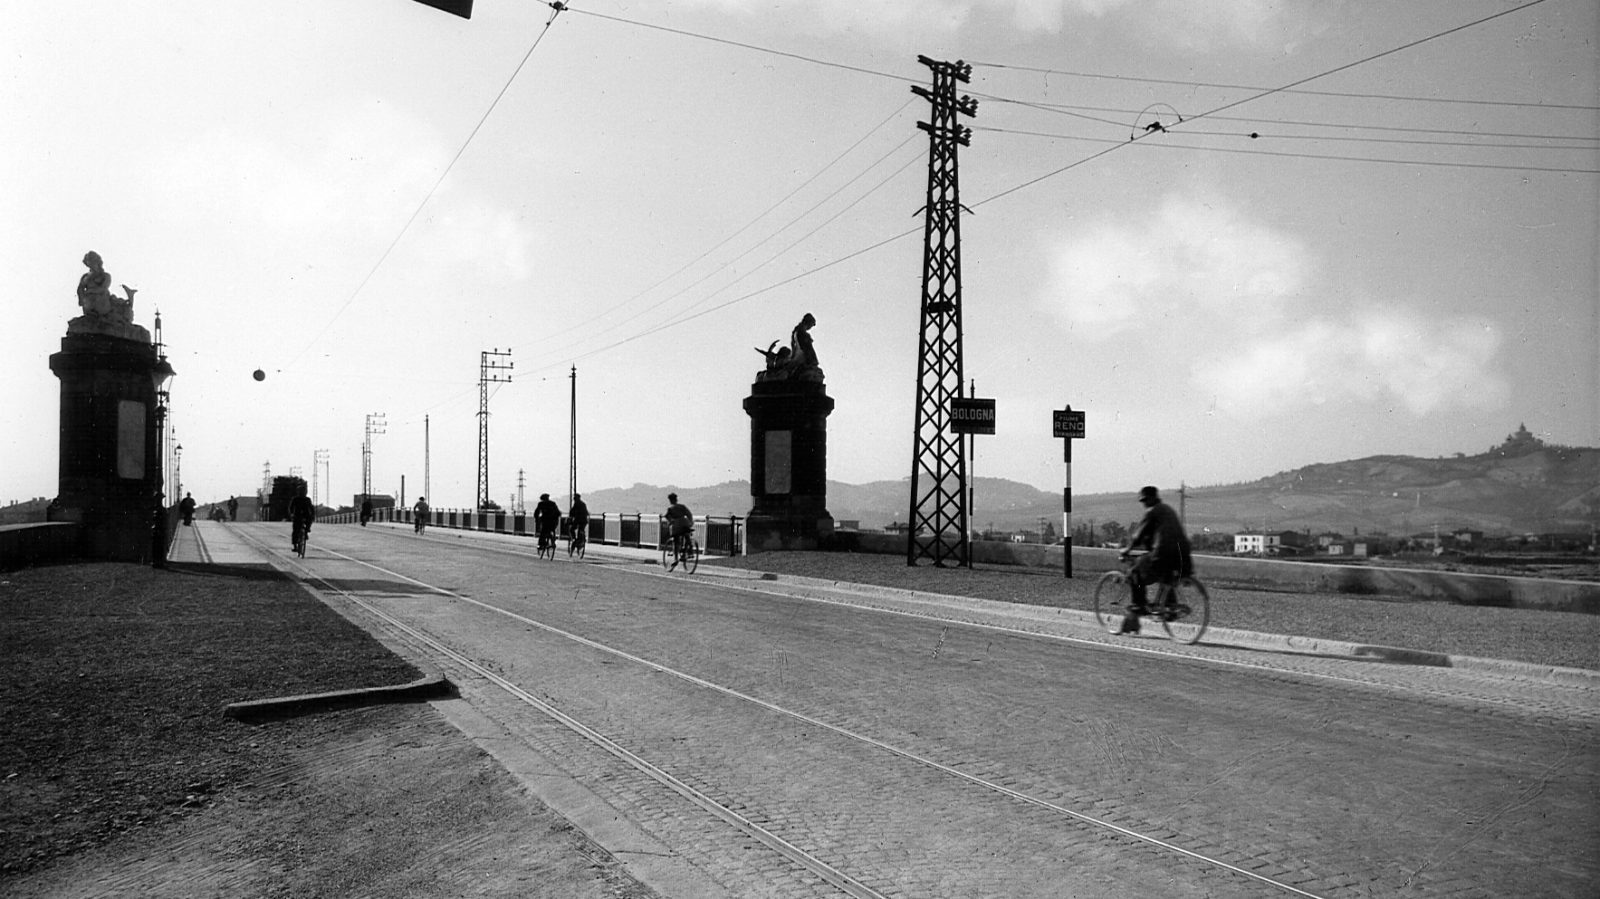 """Strada statale 9 """"Via Emilia"""" ciclisti attraversano il ponte sul fiume Reno a Bologna, 1933 (Archivio storico Anas)"""